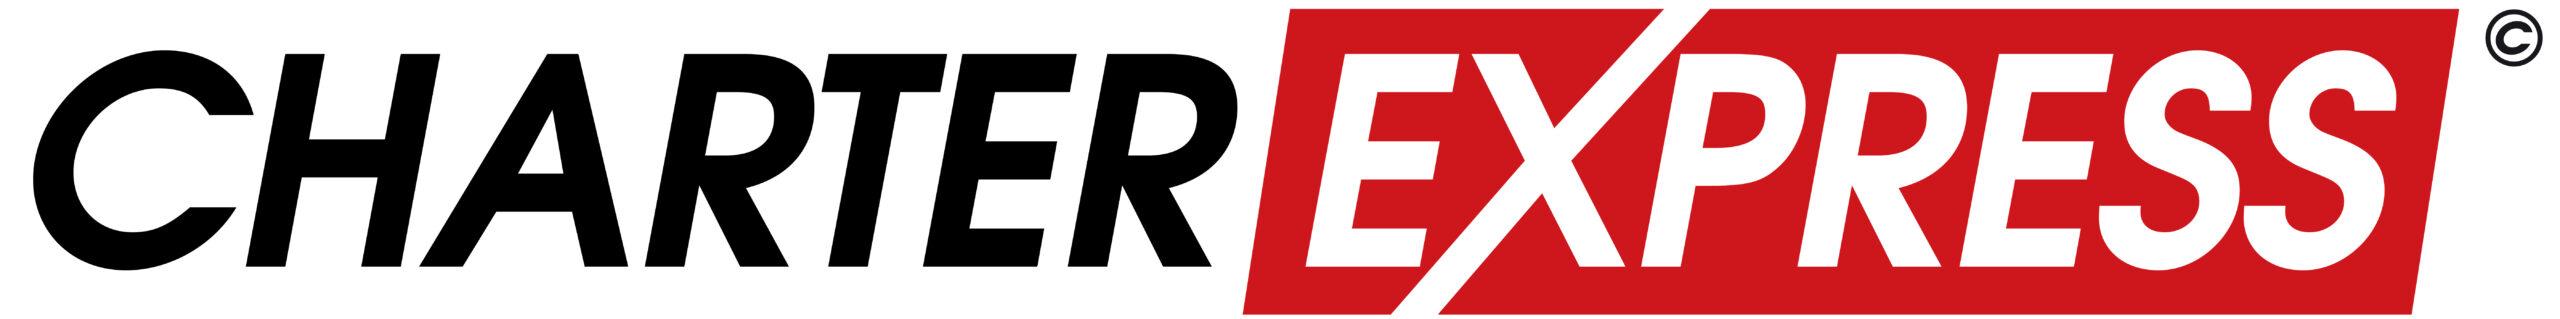 Charter Express Logo